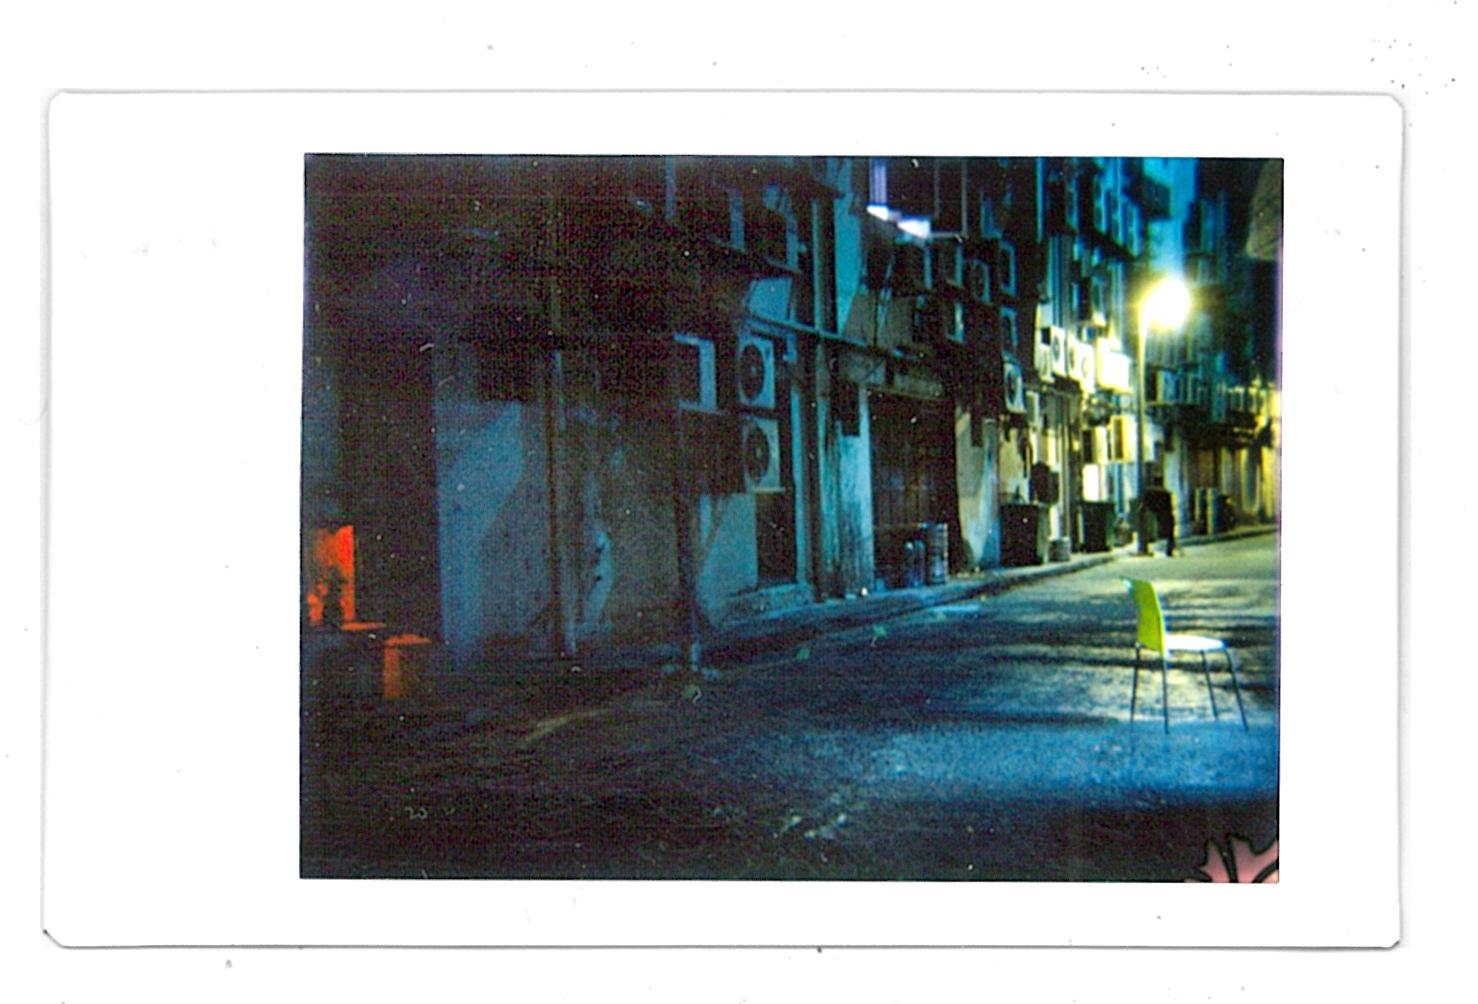 © Daniel Natoli - Es el lugar donde habitan las personas anónimas. Tomada con una Diana F+ con un acople trasero para Polaroid.